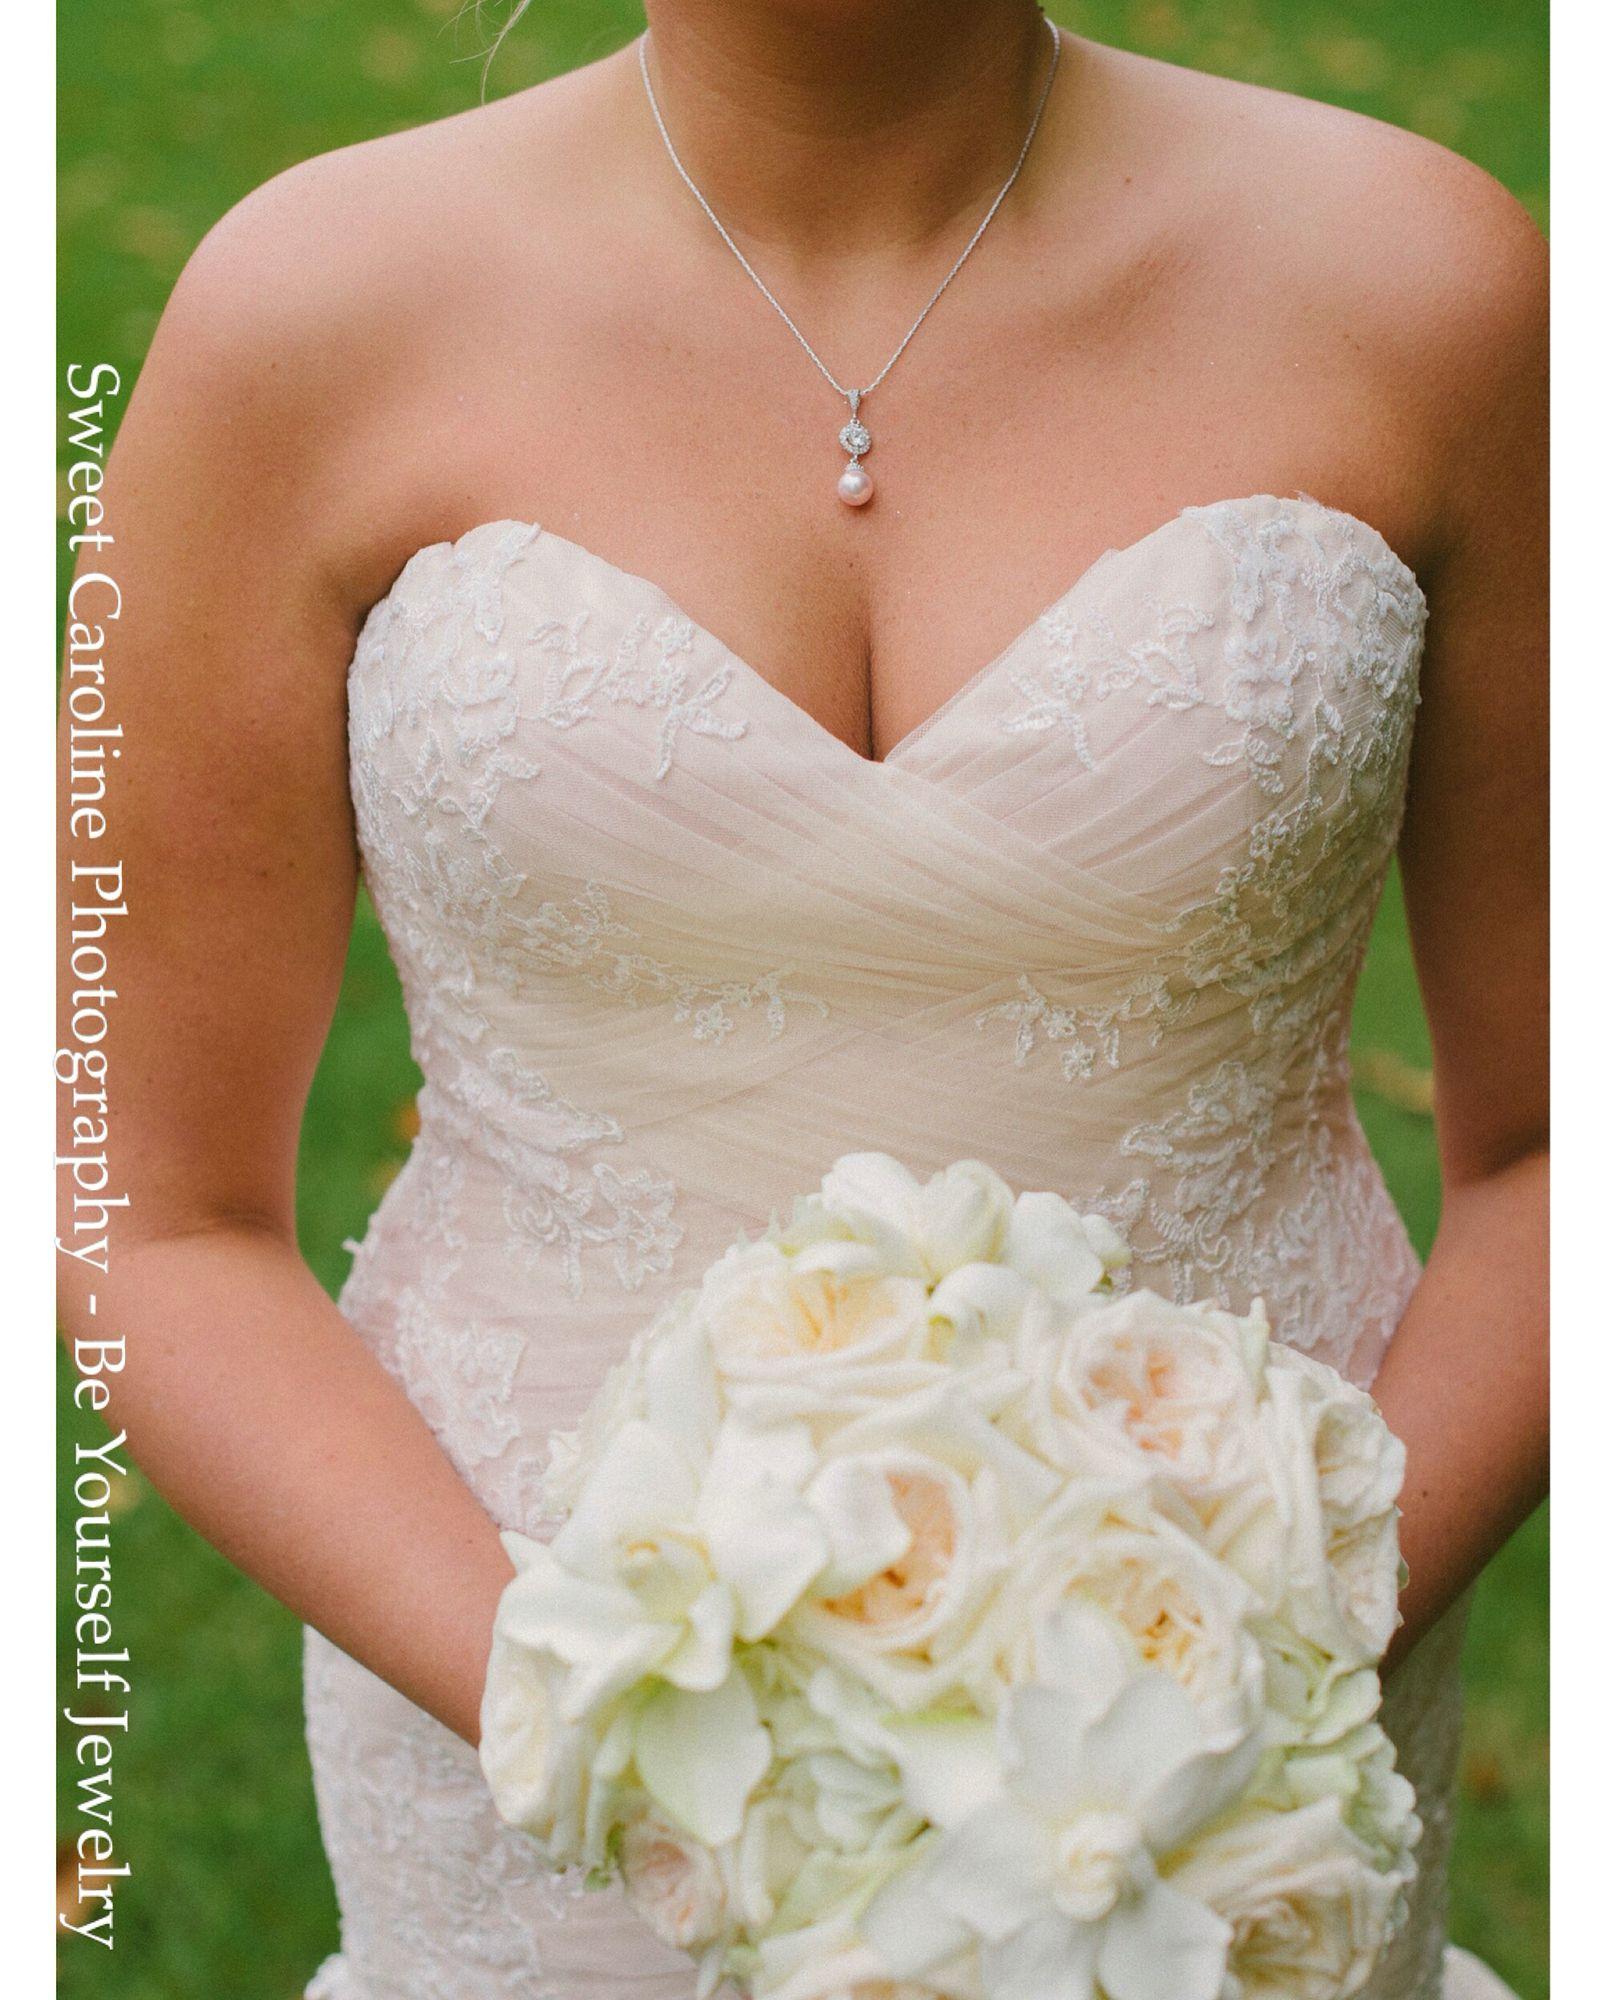 Wedding dress jewelry  Perfect blush wedding dress and inspiration Swarovski pearl jewelry